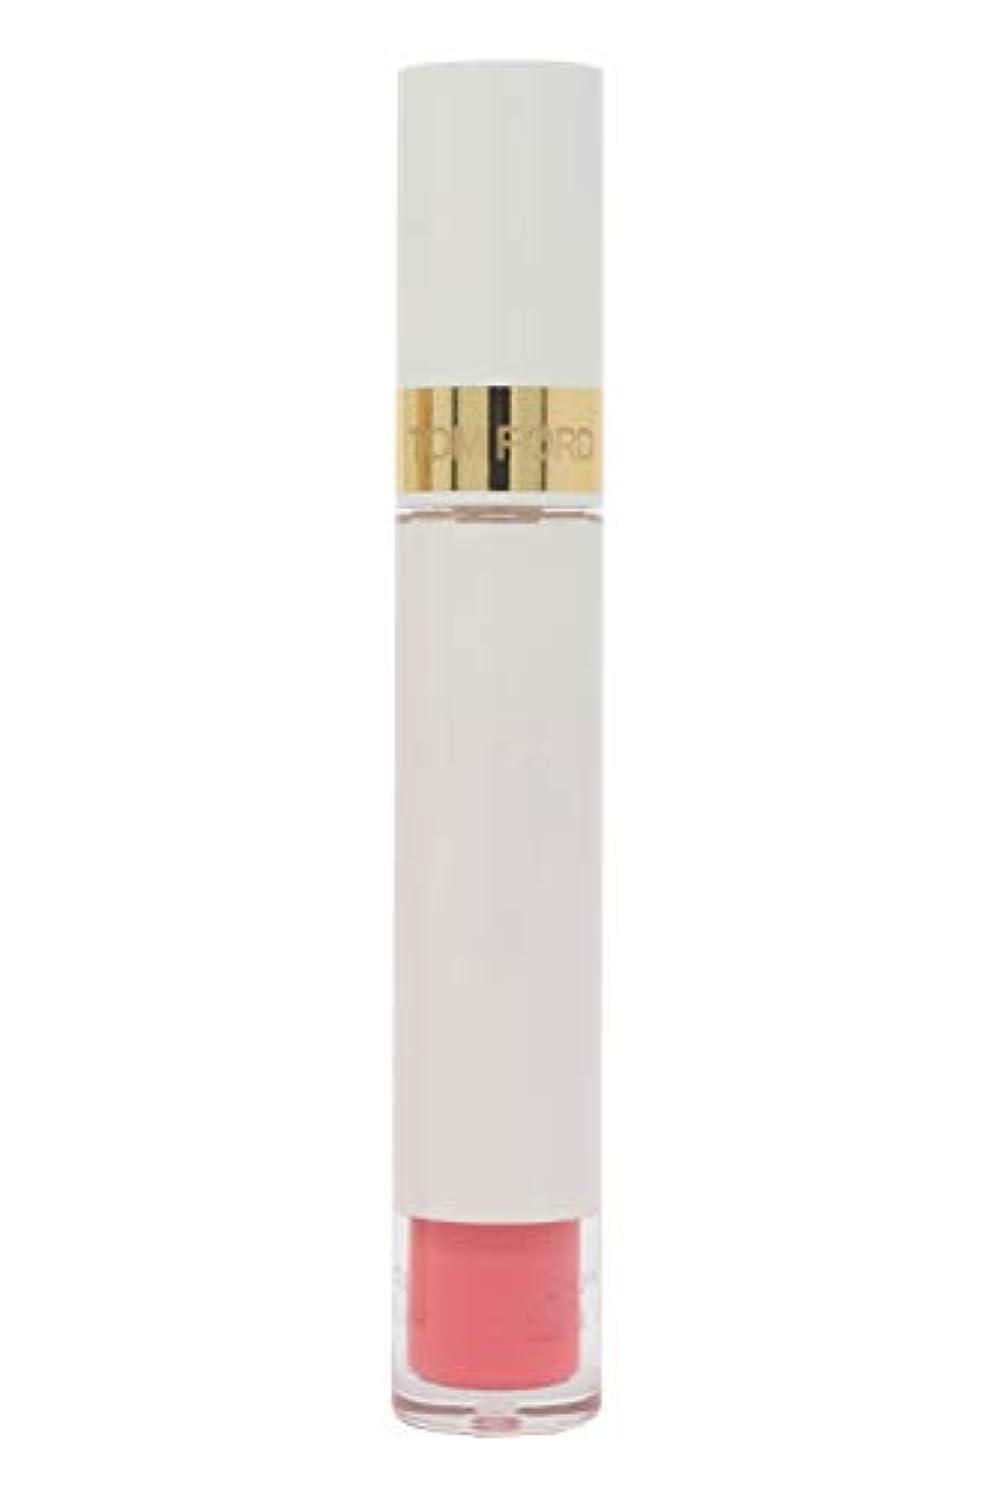 トム フォード Lip Lacqure Liquid Tint - # 04 In Ecstasy 2.7ml/0.09oz並行輸入品